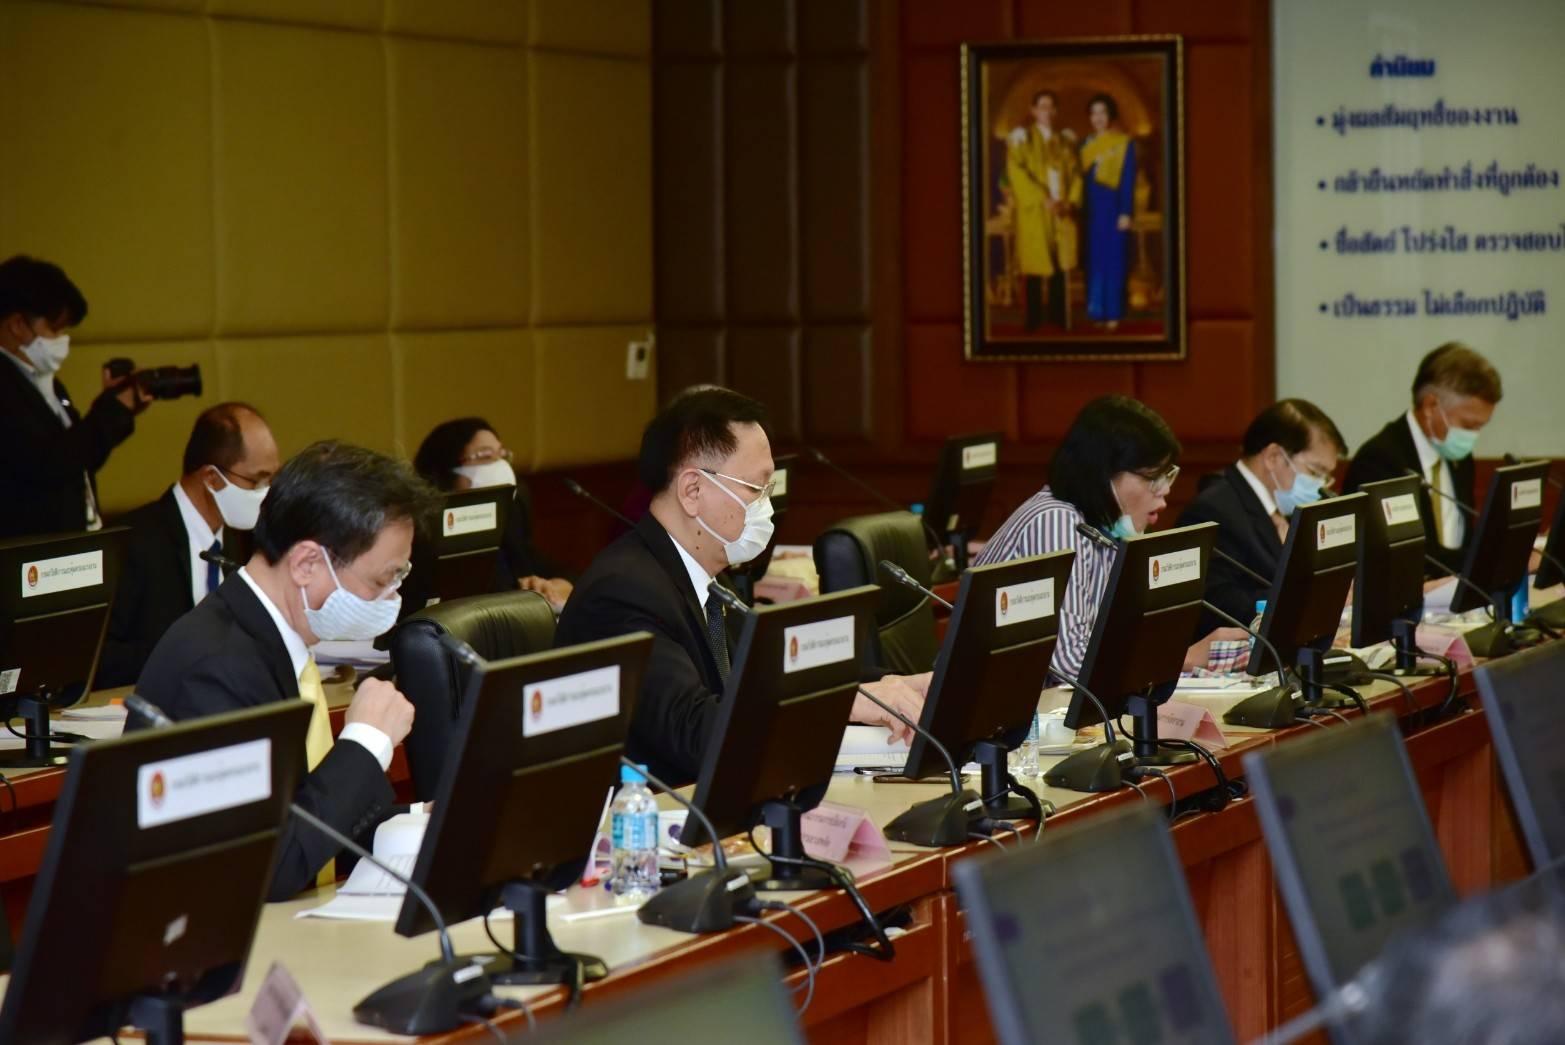 อธิบดีกรมการจัดหางานร่วมประชุมคณะกรรมการระดับชาติเพื่อขจัดการใช้แรงงานเด็กในรูปแบบที่เลวร้าย ครั้งที่ 1/2563